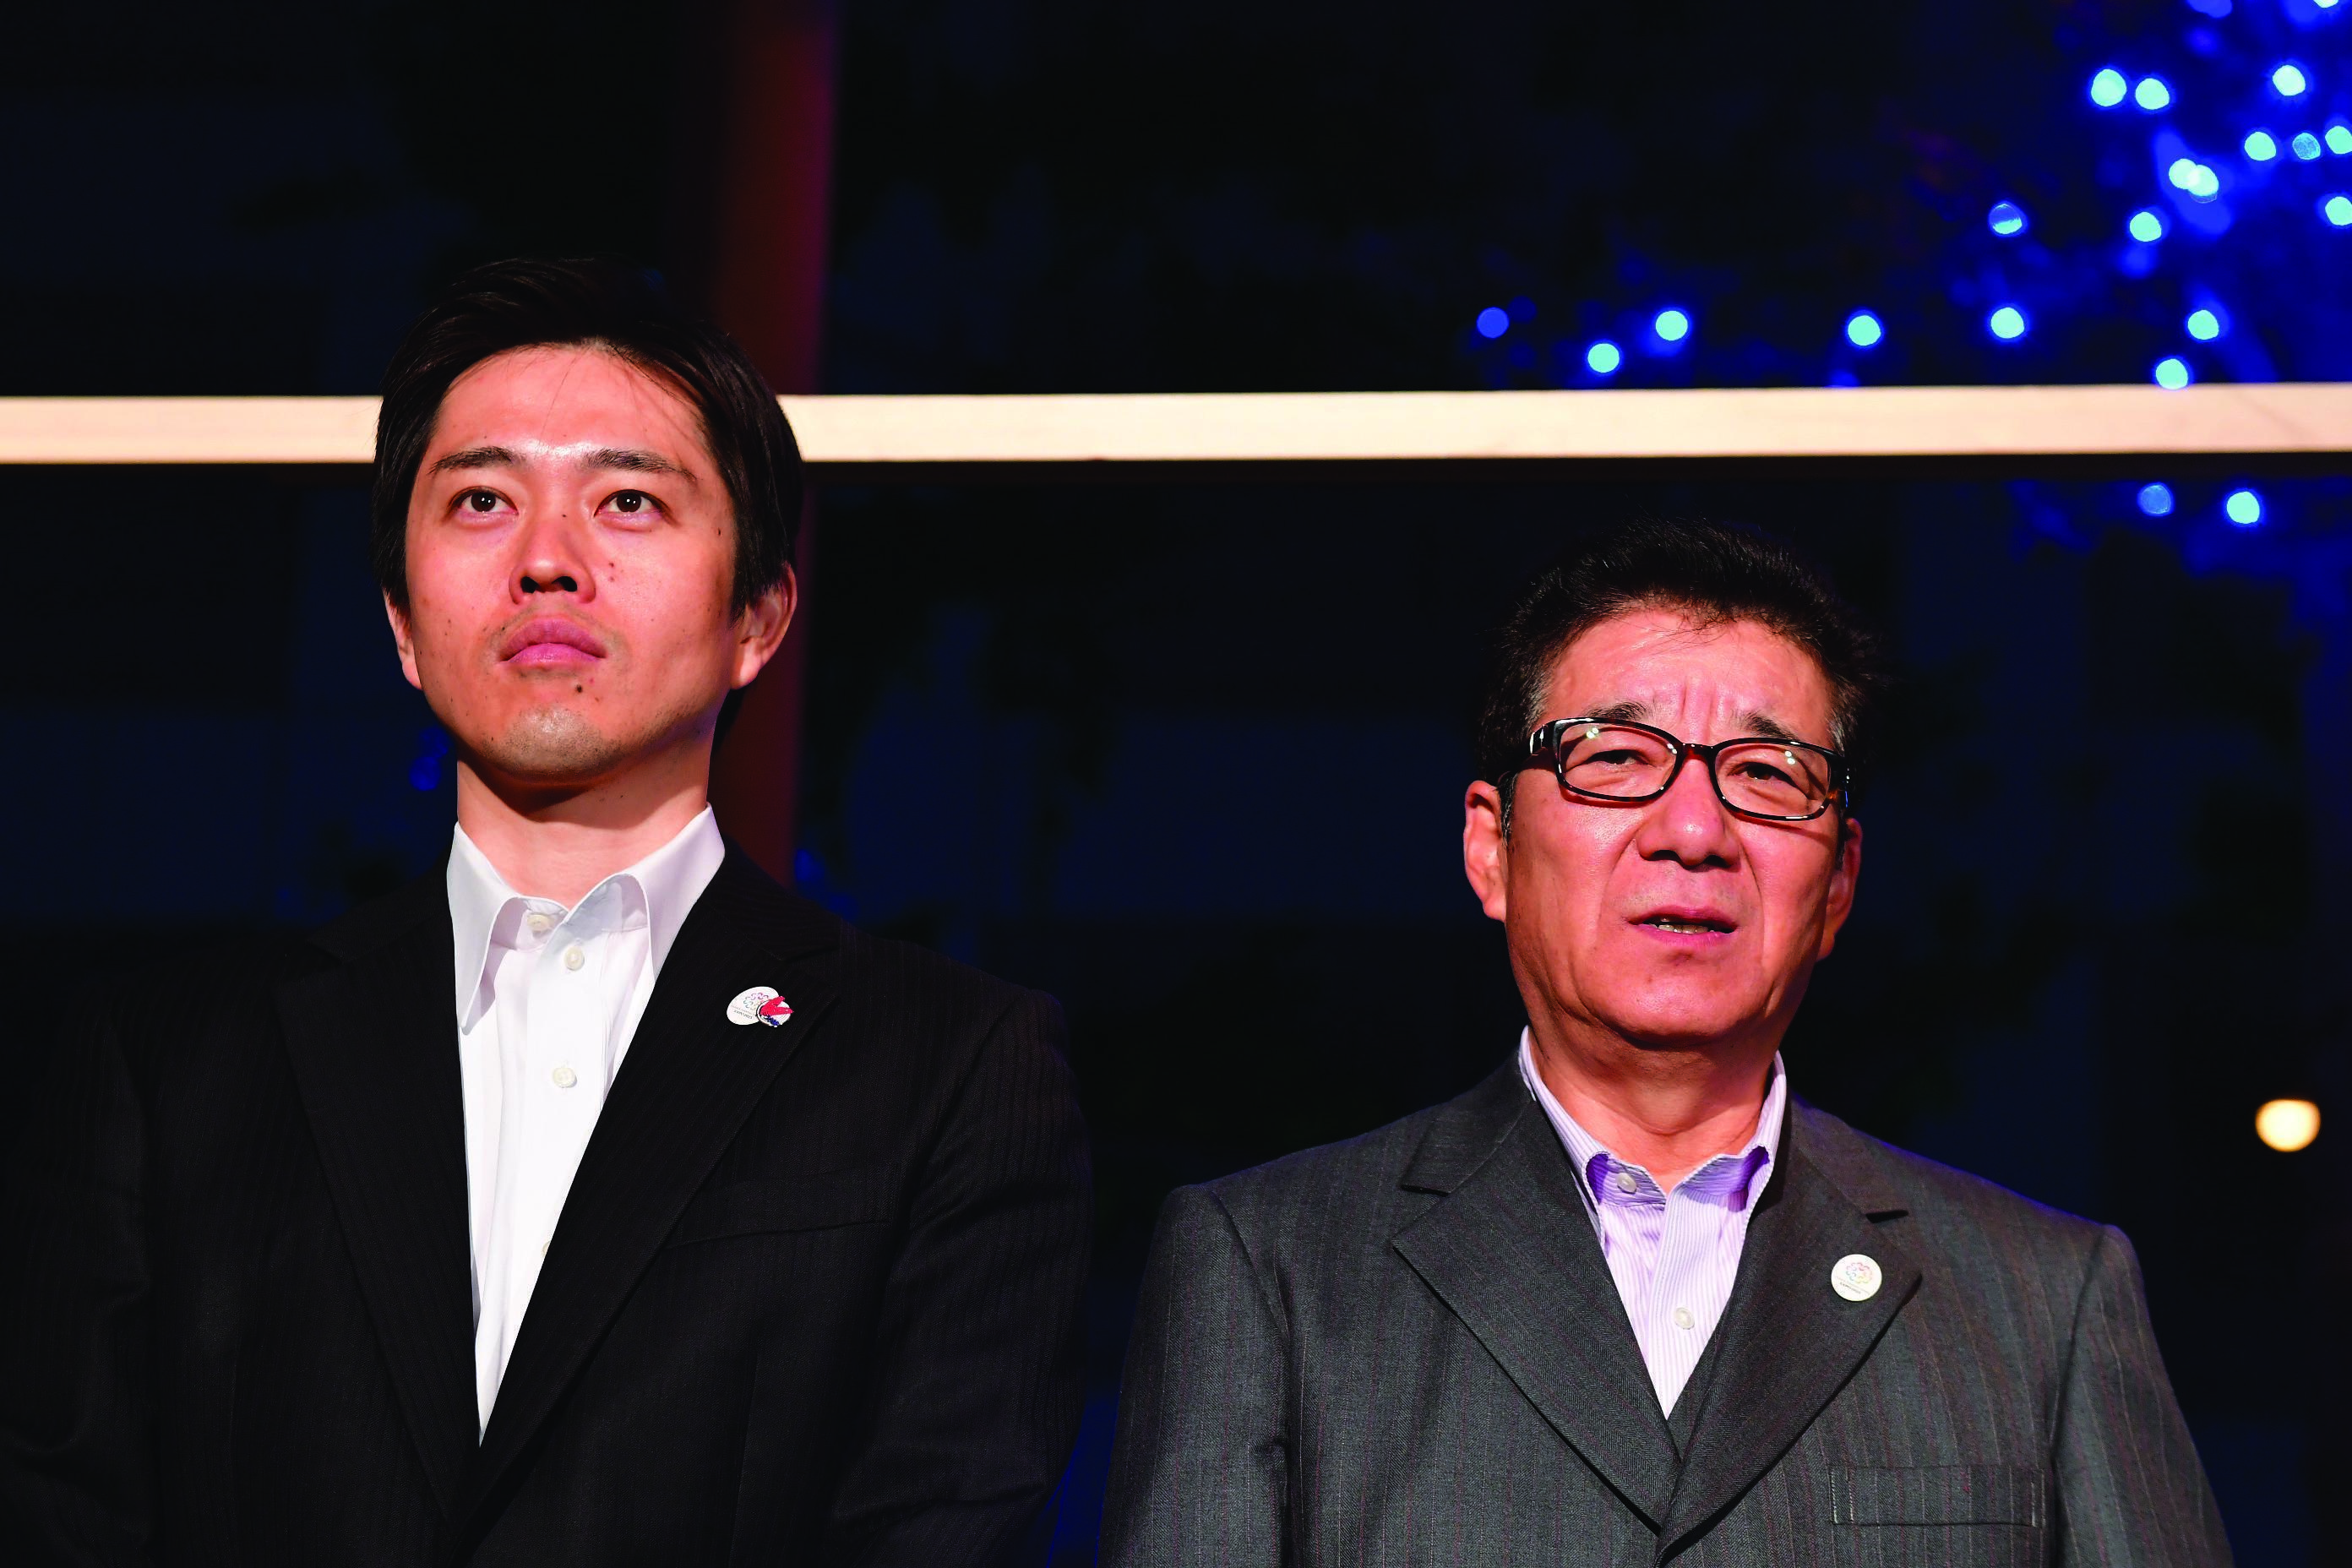 http://news.yoshimoto.co.jp/20181104214935-e3ba24f84893c891a00c9cc934d337f470d0c1cd.jpg